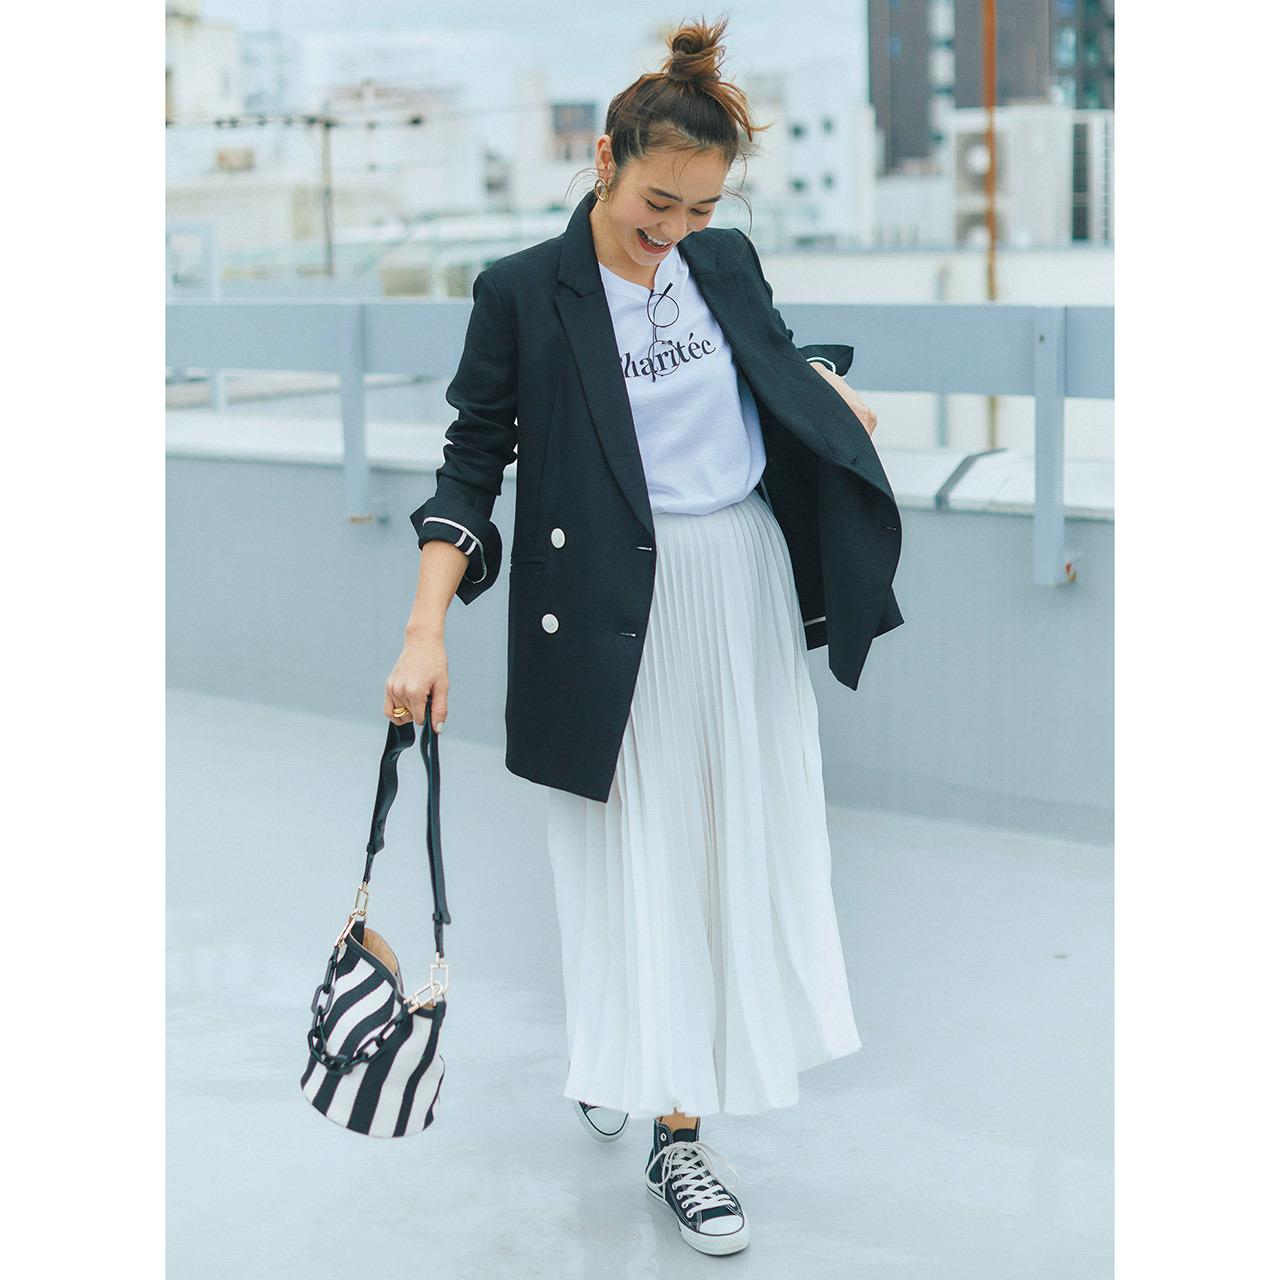 ロゴTシャツ×ジャケット×プリーツスカートコーデを着たモデルの竹下玲奈さん